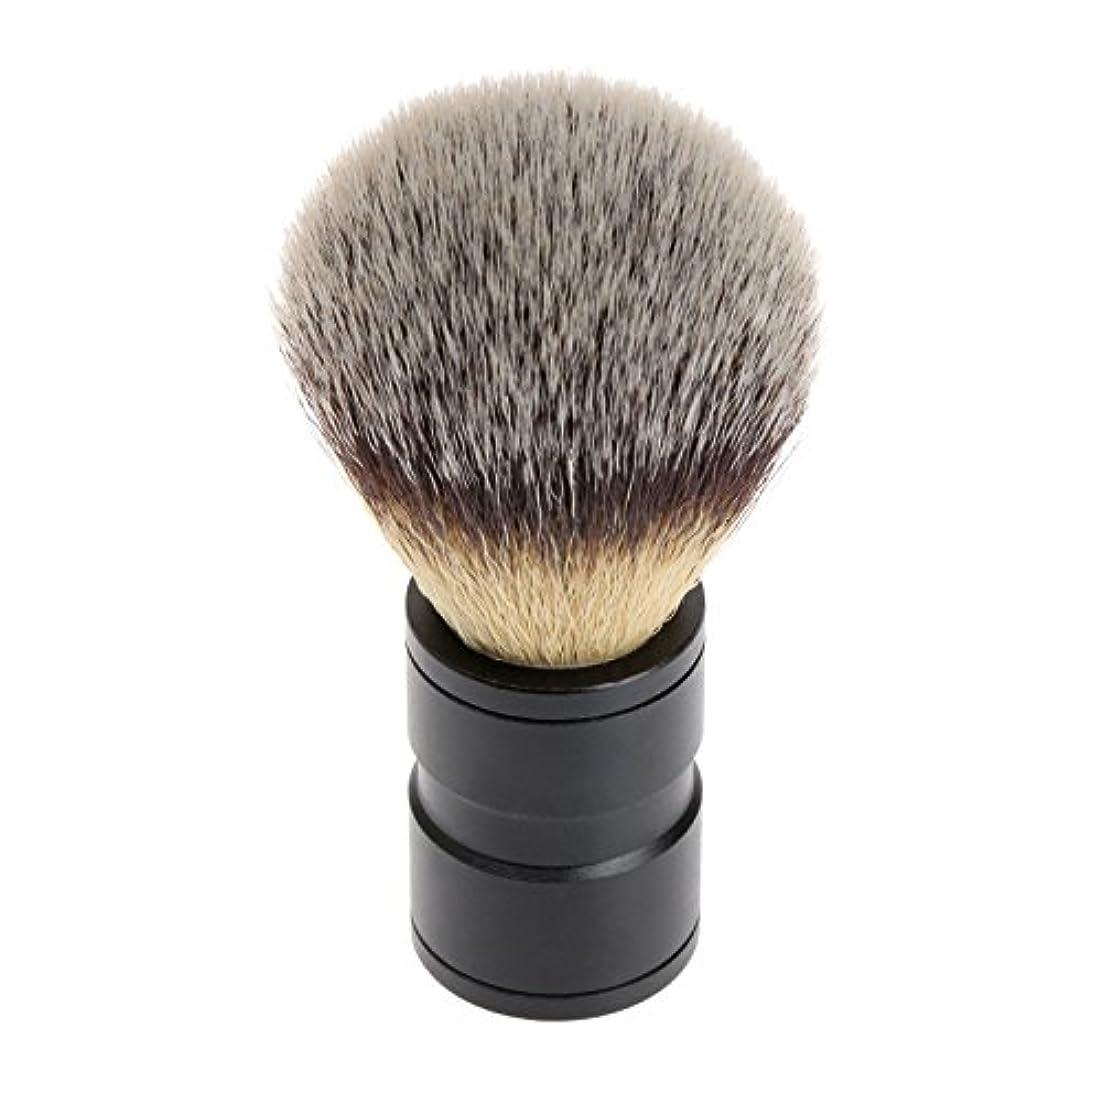 宿予約優れましたシェービング ブラシ 理容 洗顔 髭剃り マッサージ 効果 ナイロン毛 メンズ